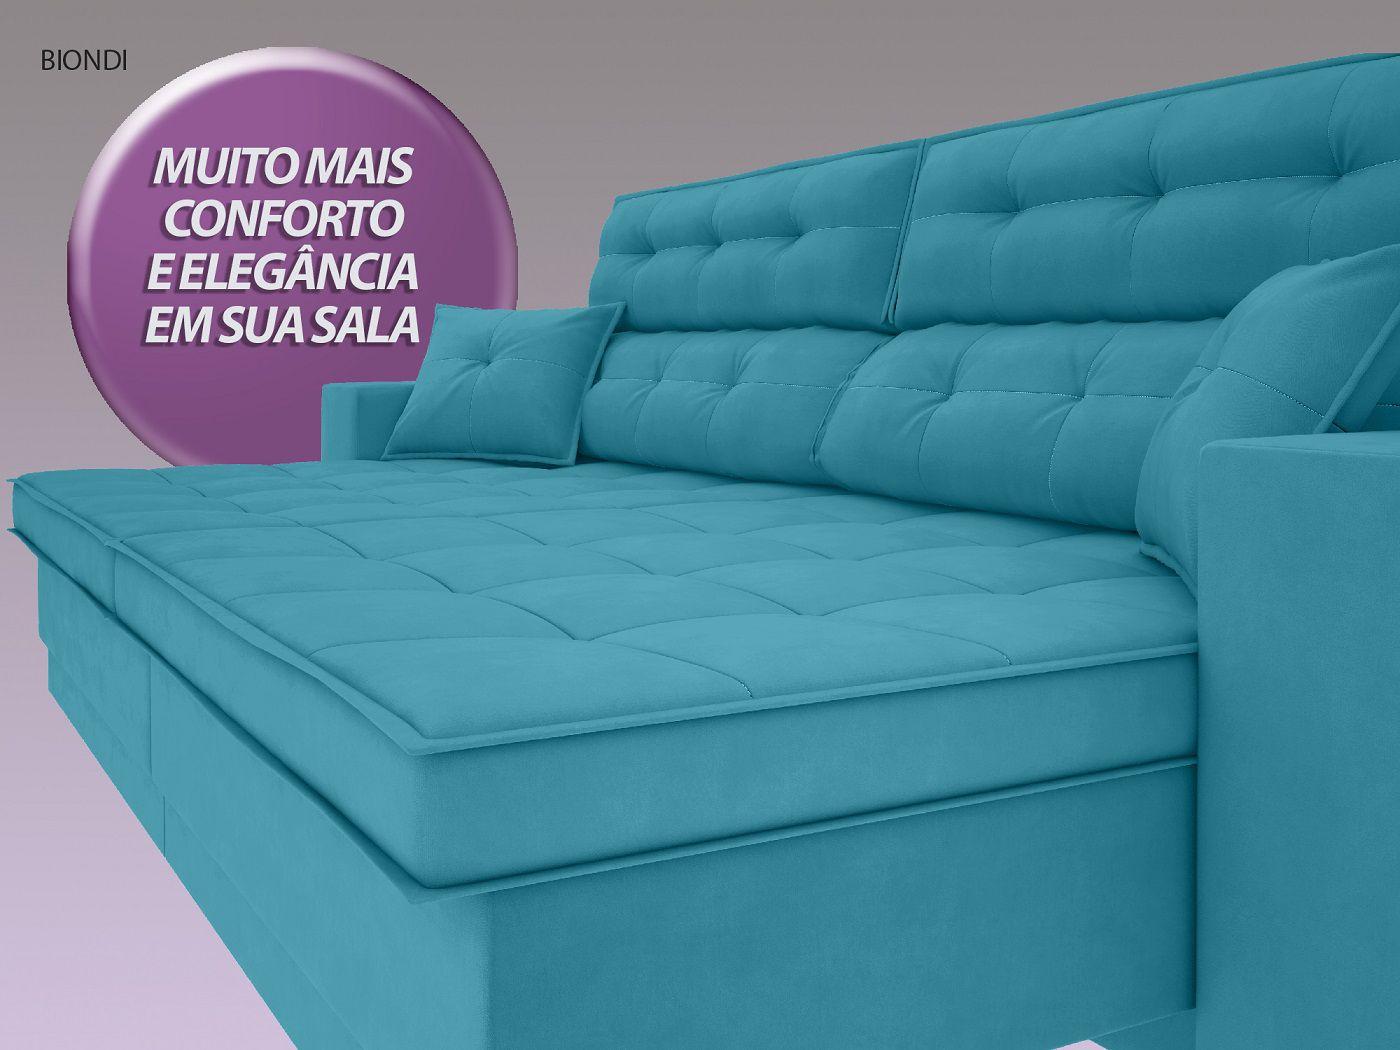 Sofá New Biondi 2,70m Retrátil e Reclinável Velosuede Turquesa  - NETSOFAS  - NETSOFÁS